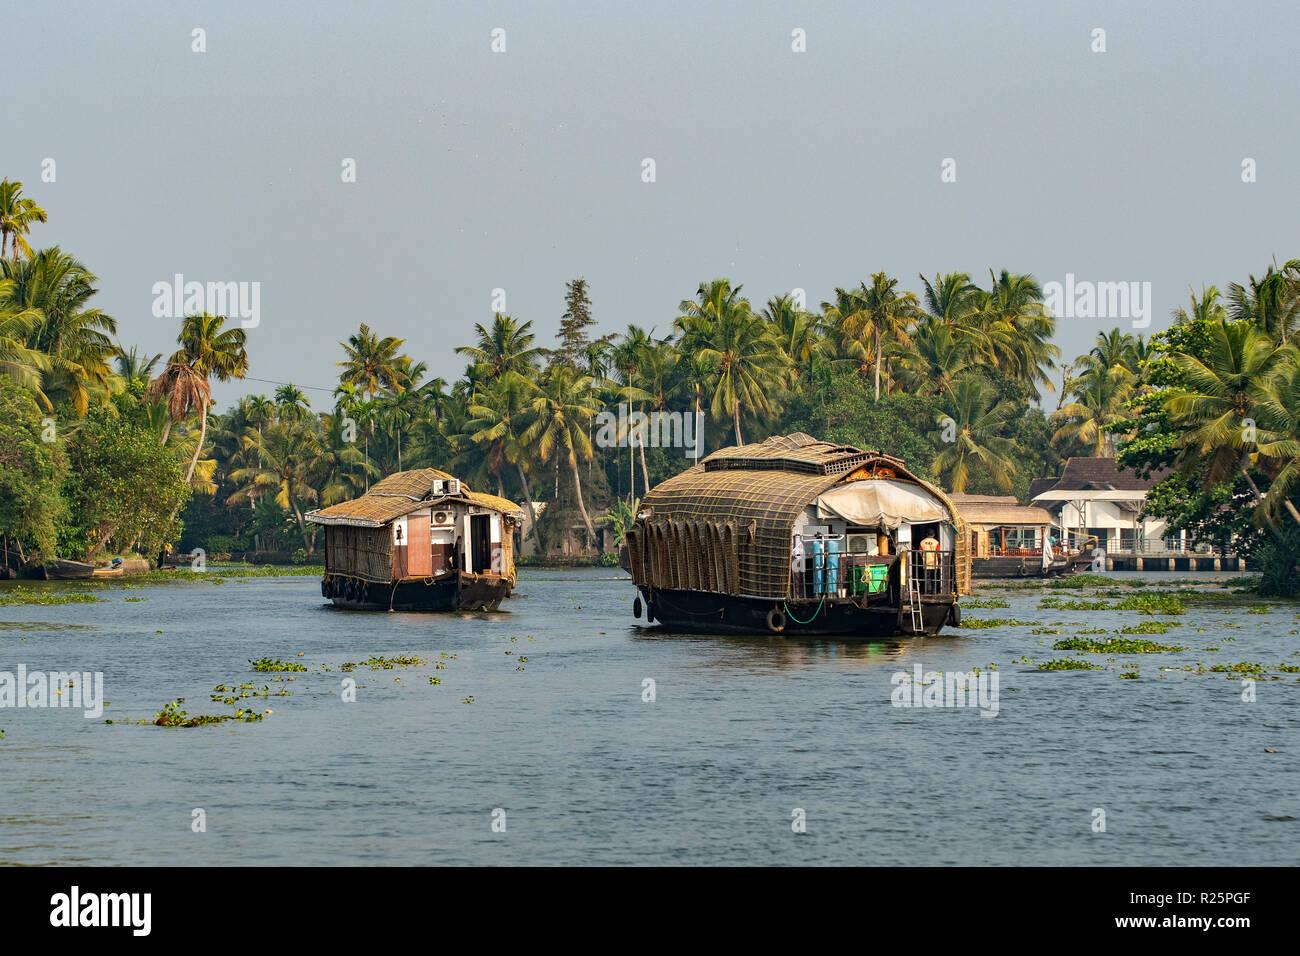 Case galleggianti sulle acque del Kerala, nei pressi di Alleppey, Kerala, India Immagini Stock